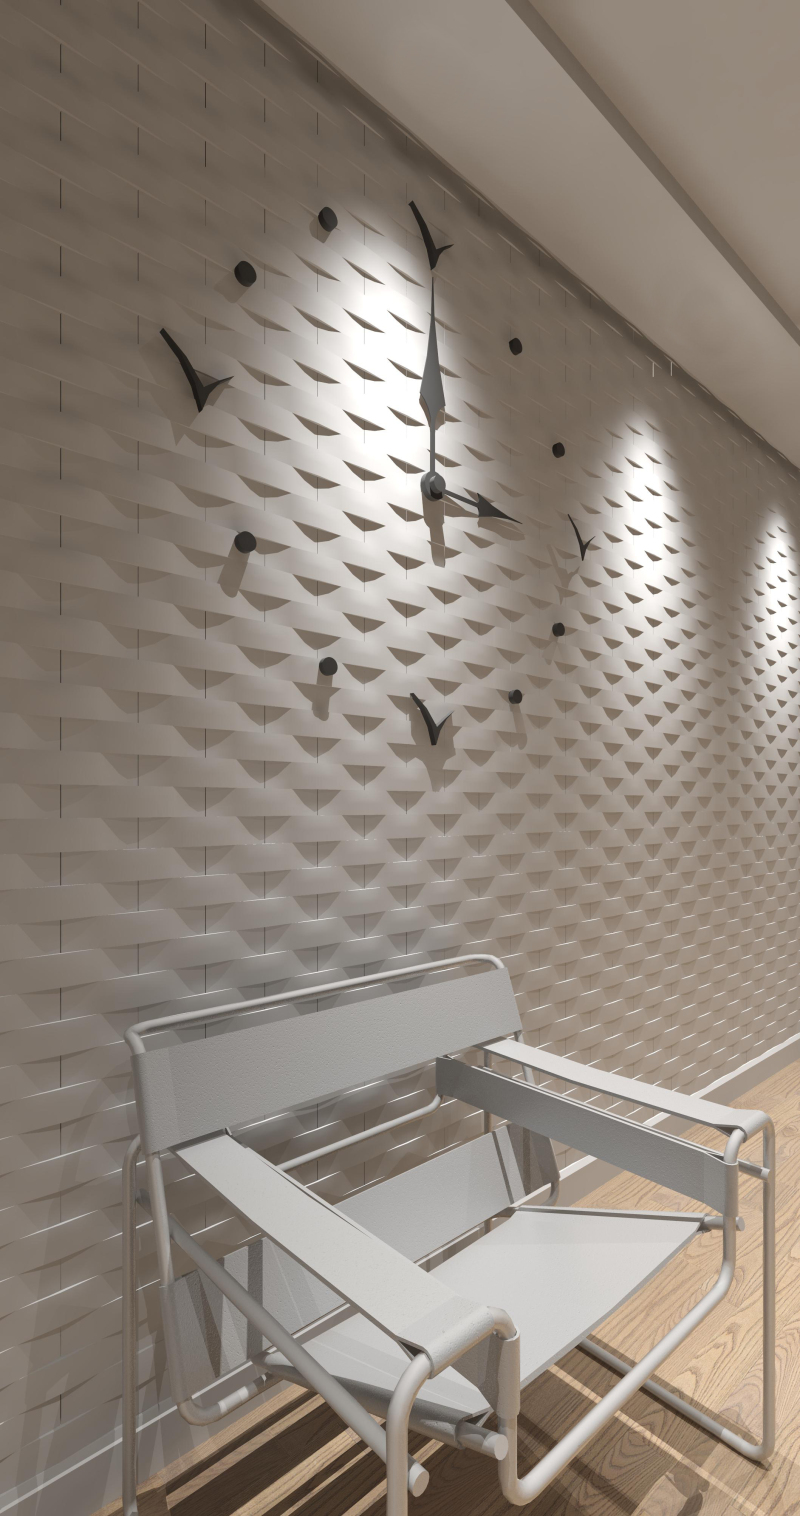 Wandverblender aus echtem Stuck - Bauhandwerk